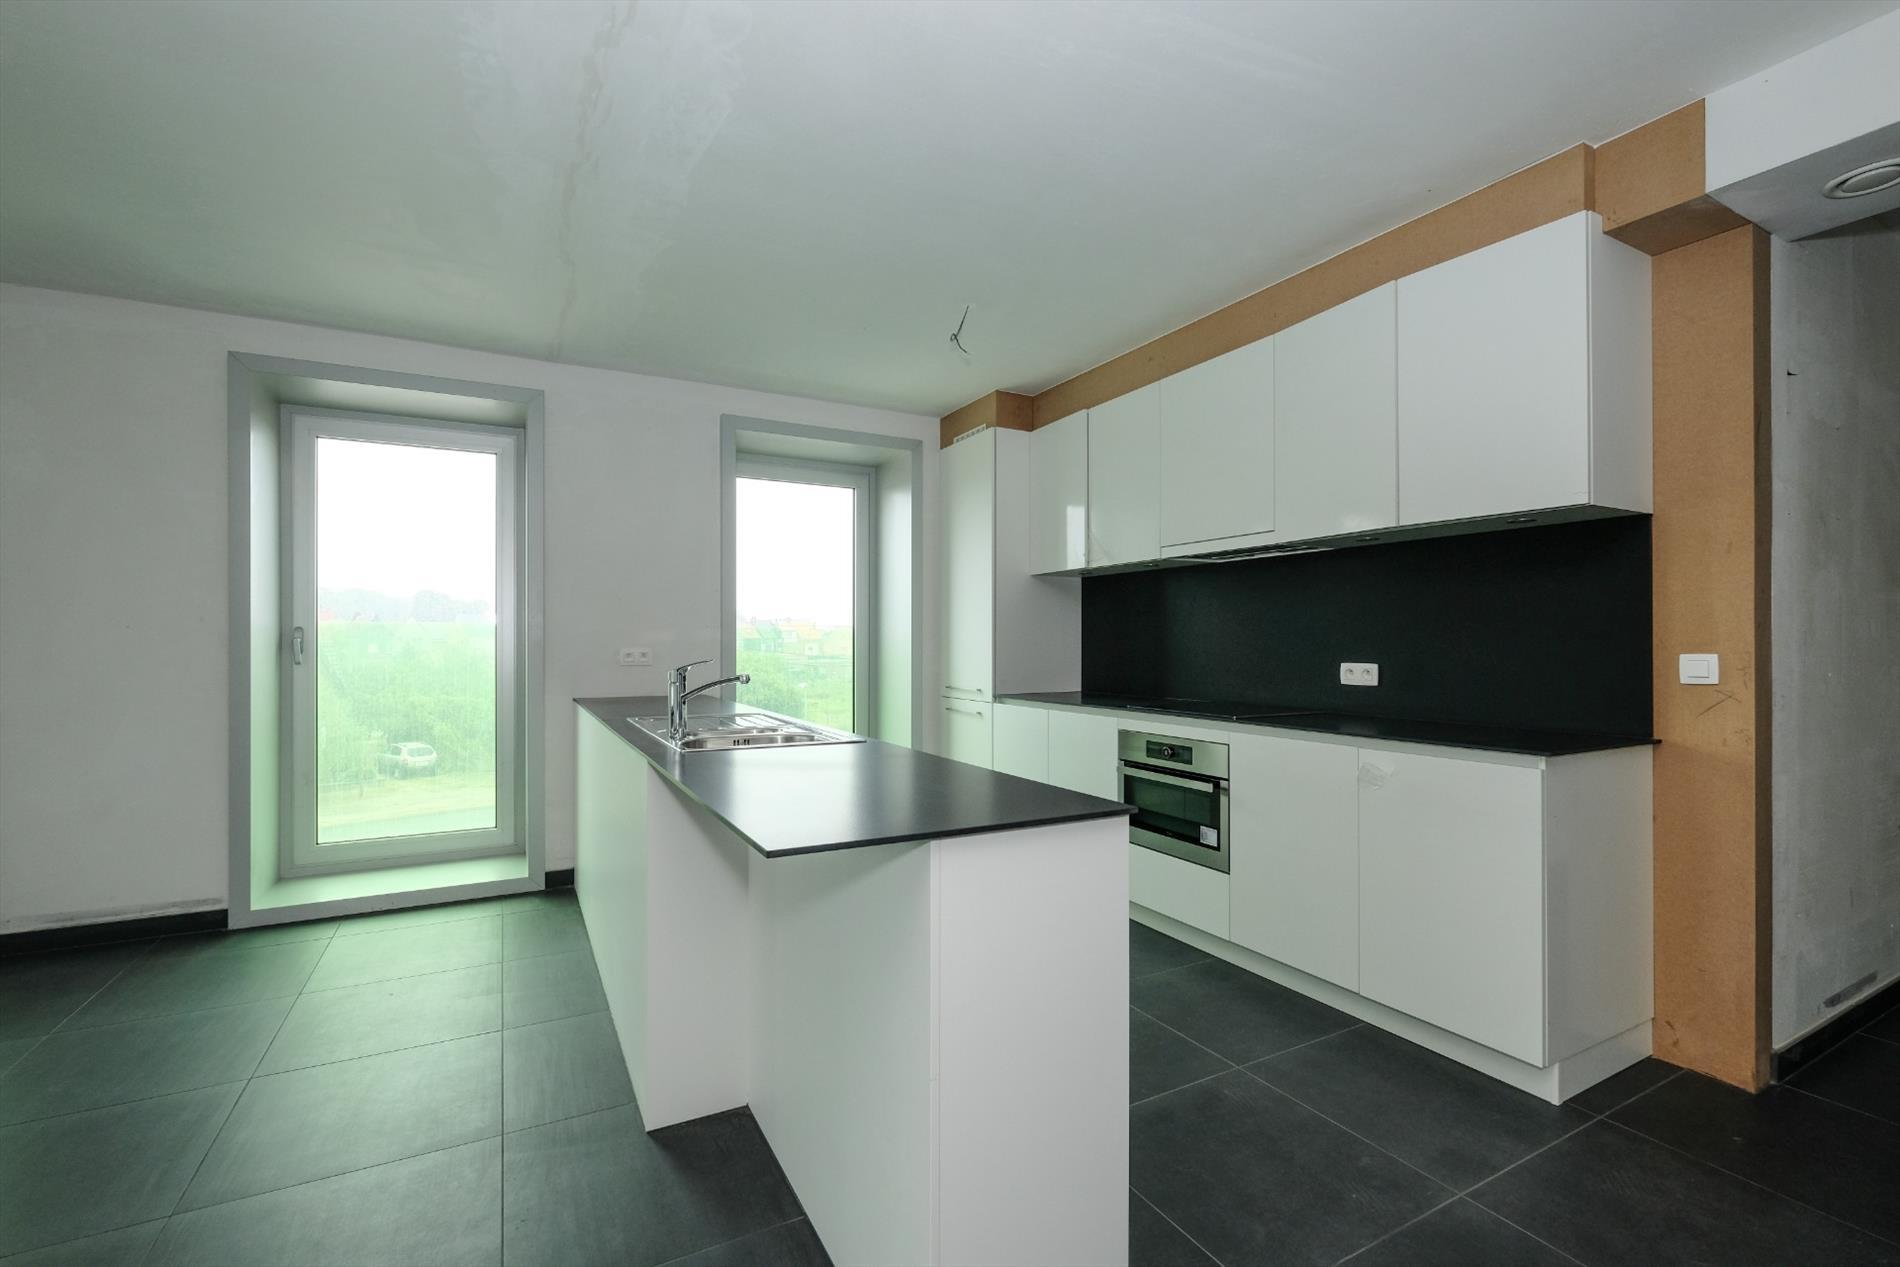 Keuken Nieuwbouw Open : Nieuwbouw appartement te koop oedelem ref immo proxio